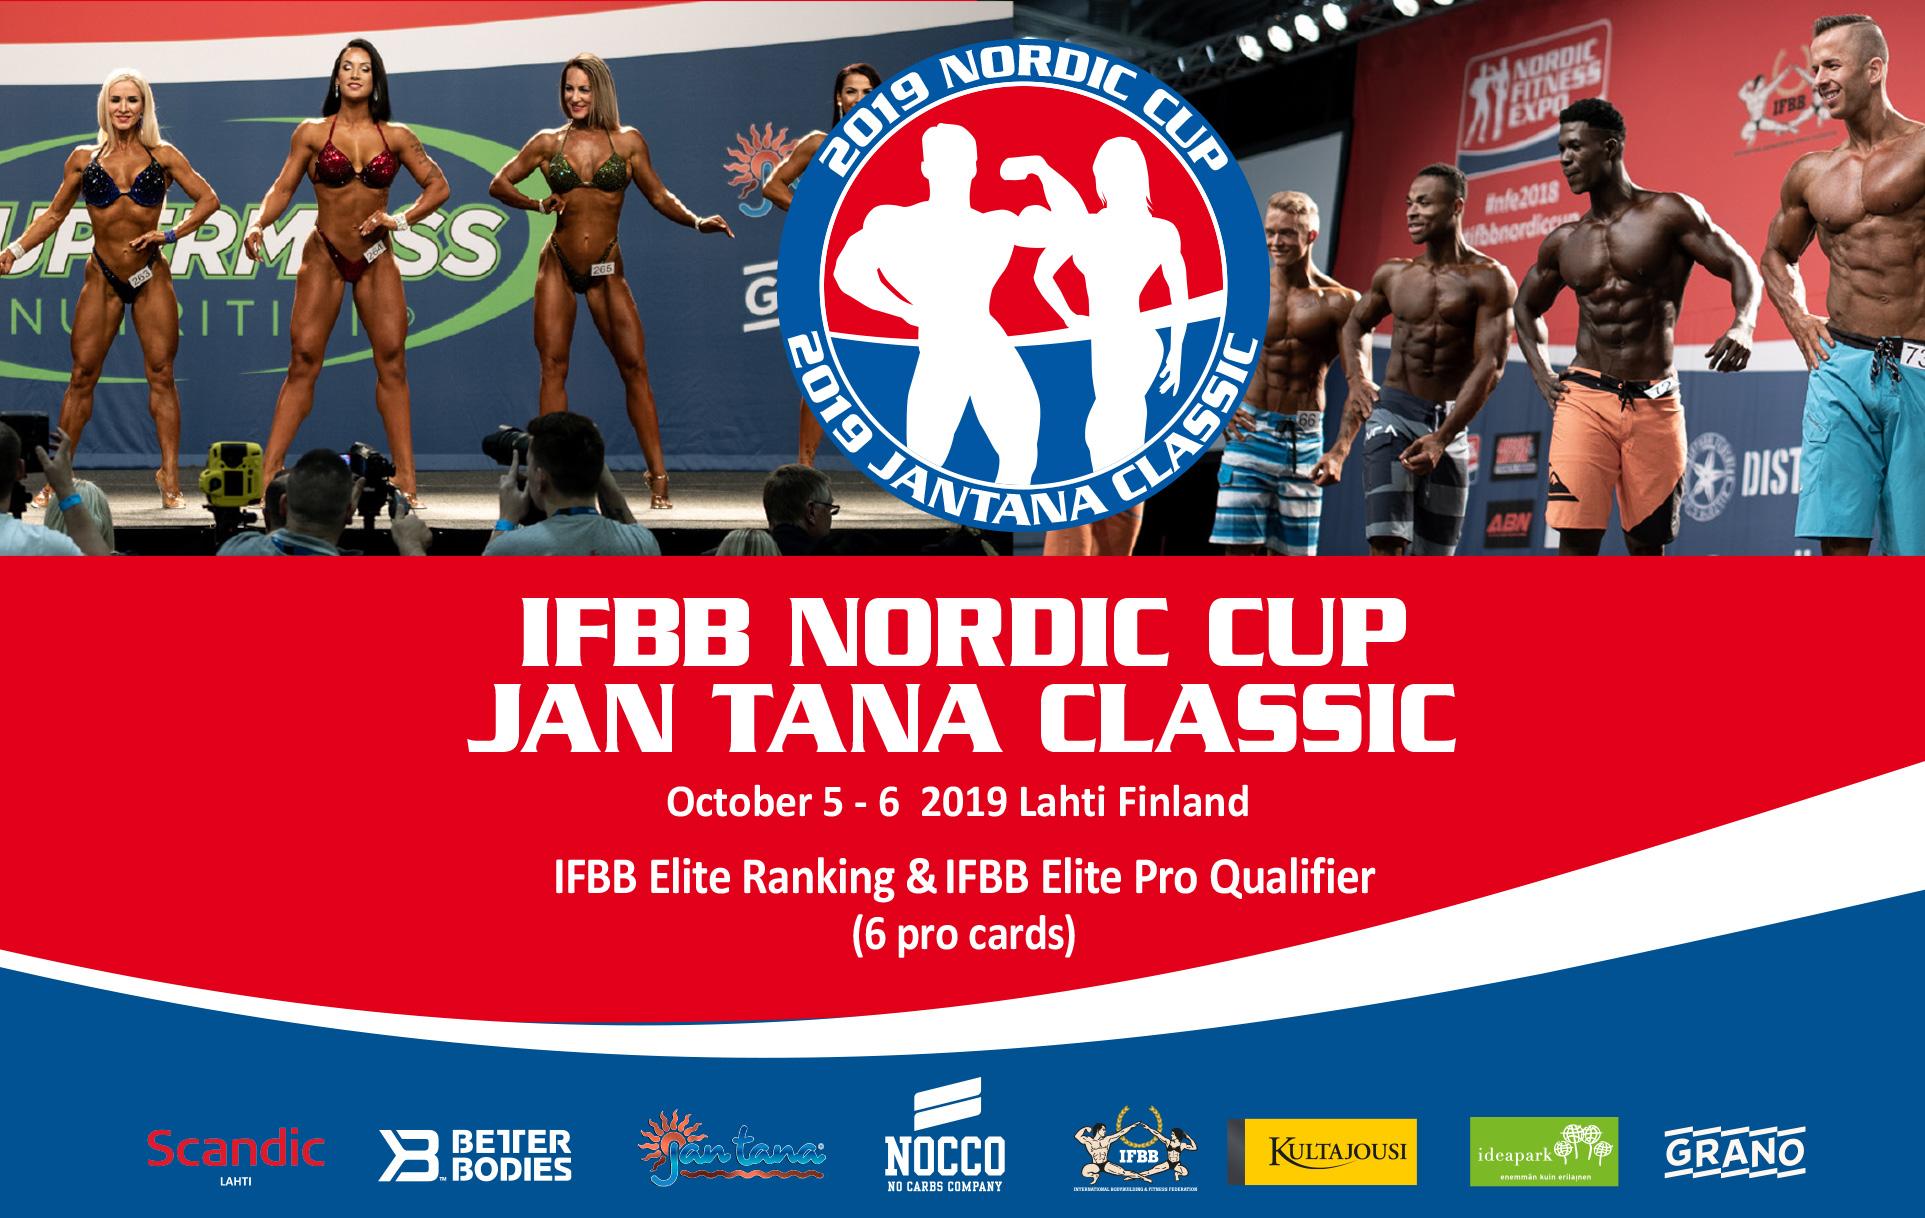 Znalezione obrazy dla zapytania: Nordic Cup 2019 ifbb